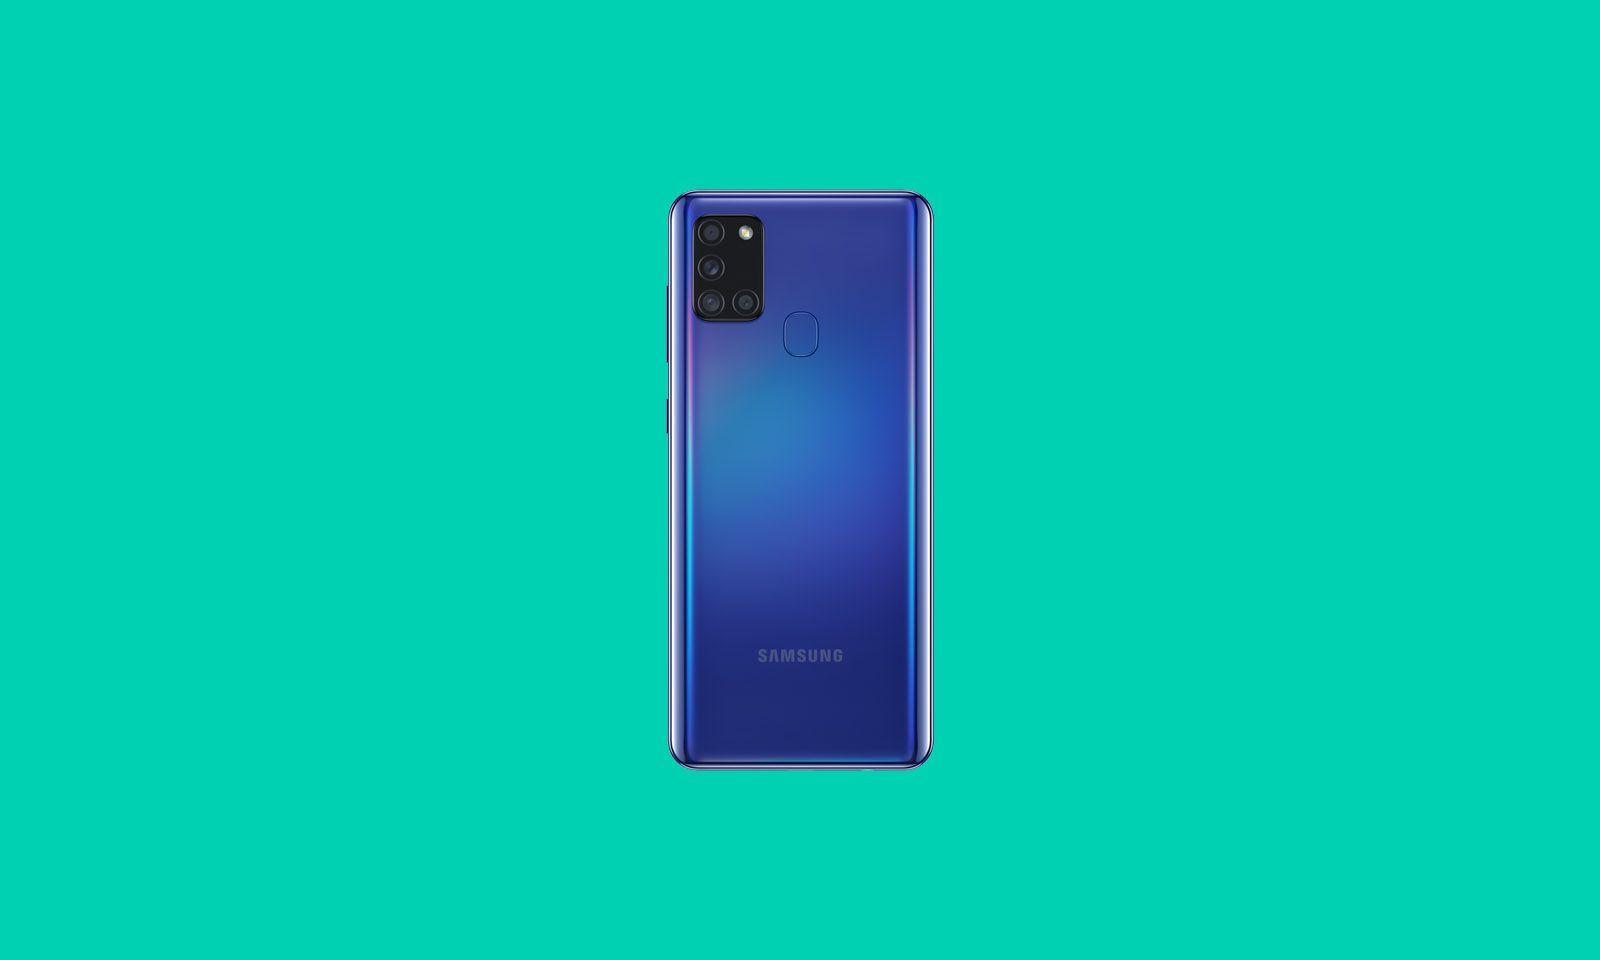 Galaxy A21s: Handphone yang Melebihi Ekspektasi